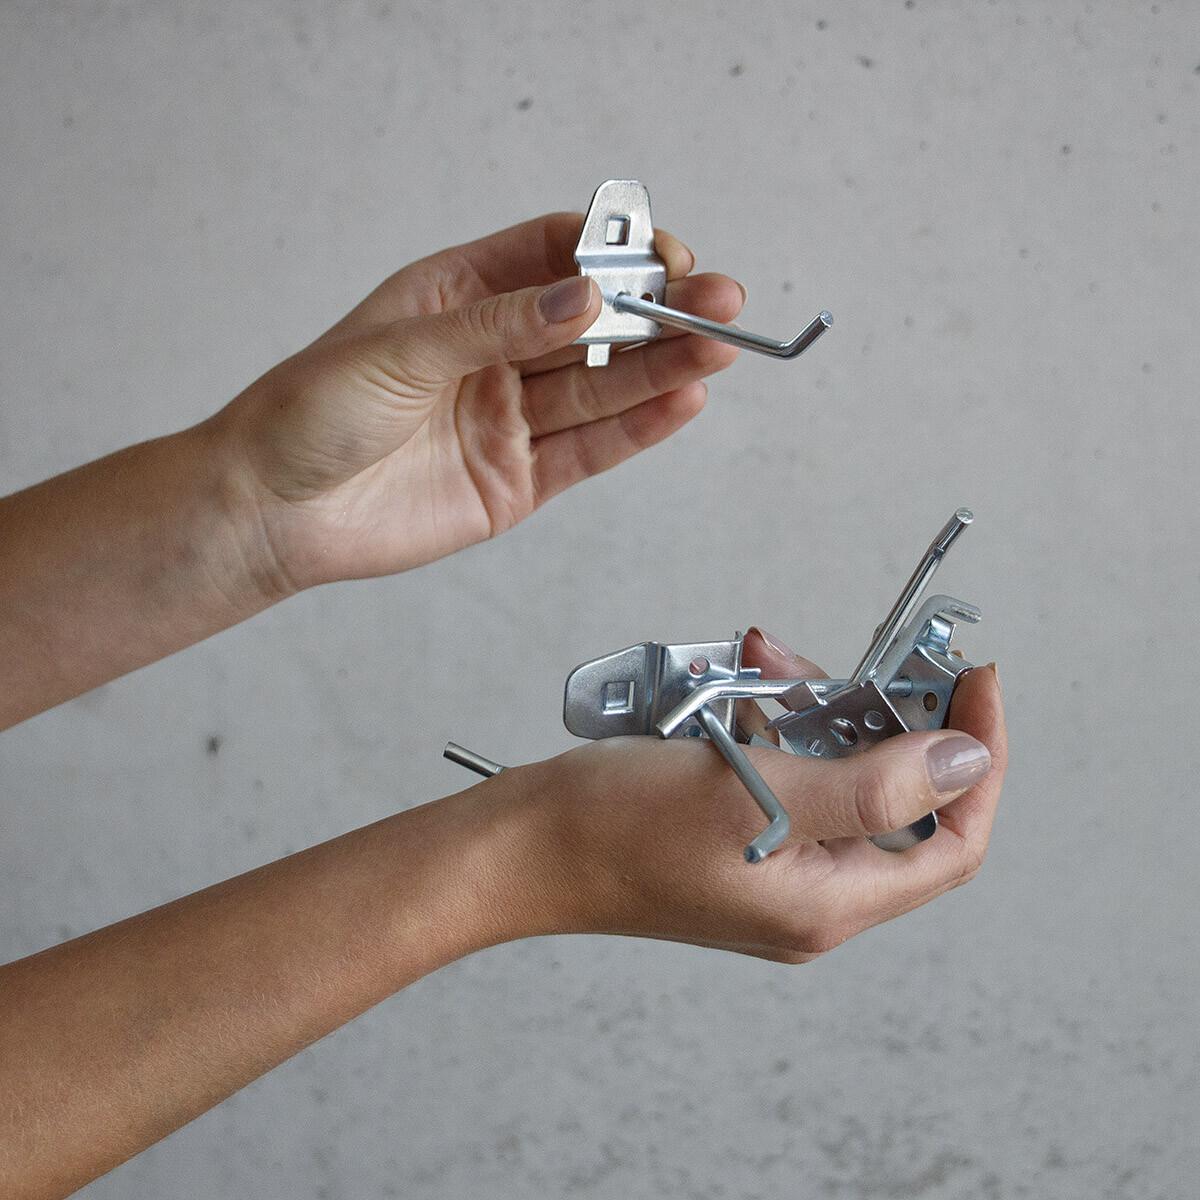 Sehr Metall Werkzeugwand mit Werkzeughalter, 3,20 € ZI27